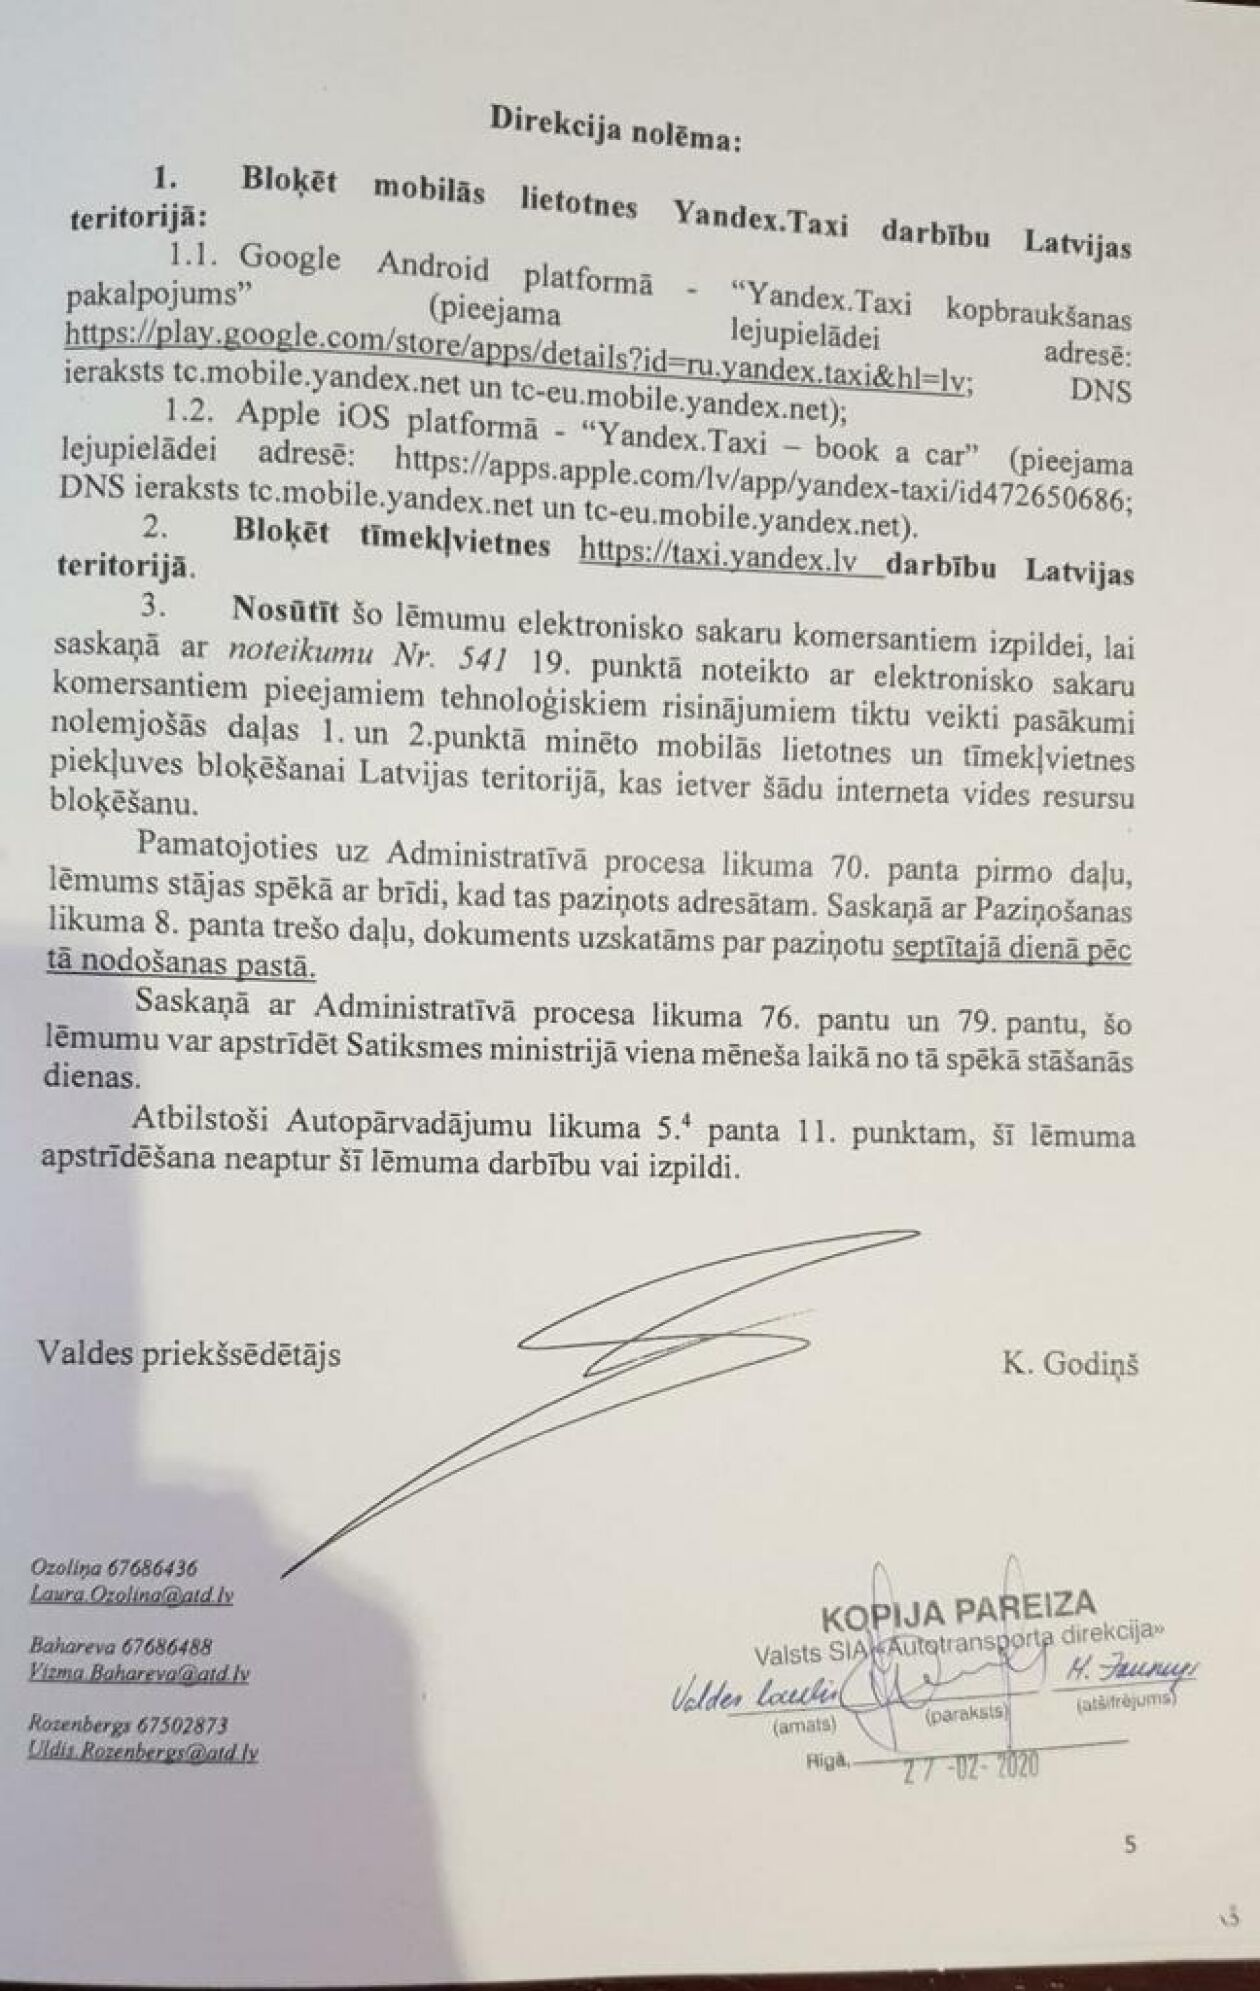 """Решение о блокировке """"Яндекс.Такси"""" в Латвии."""